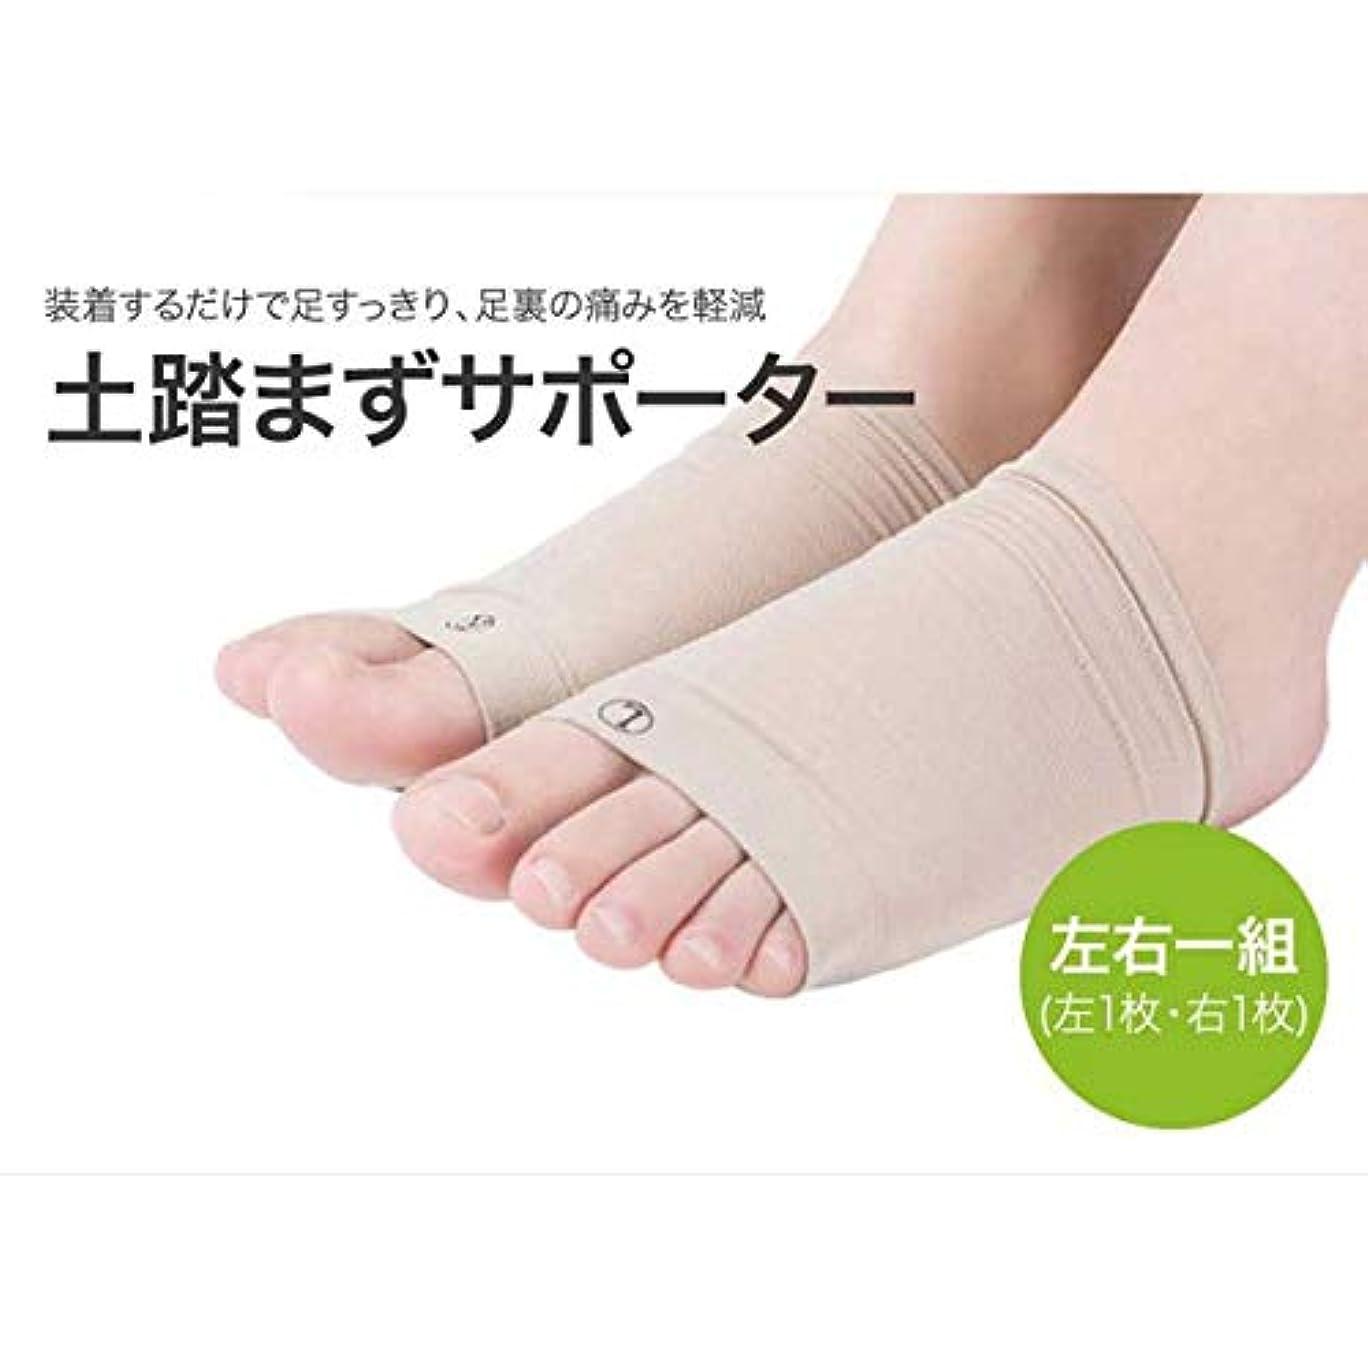 アンソロジー実装する絡まる土踏まずサポーター 左右1組セット 偏平足 シリコン 足底筋膜炎 足底腱膜炎 痛み だるさ 足底筋膜 足裏 アーチ サポート